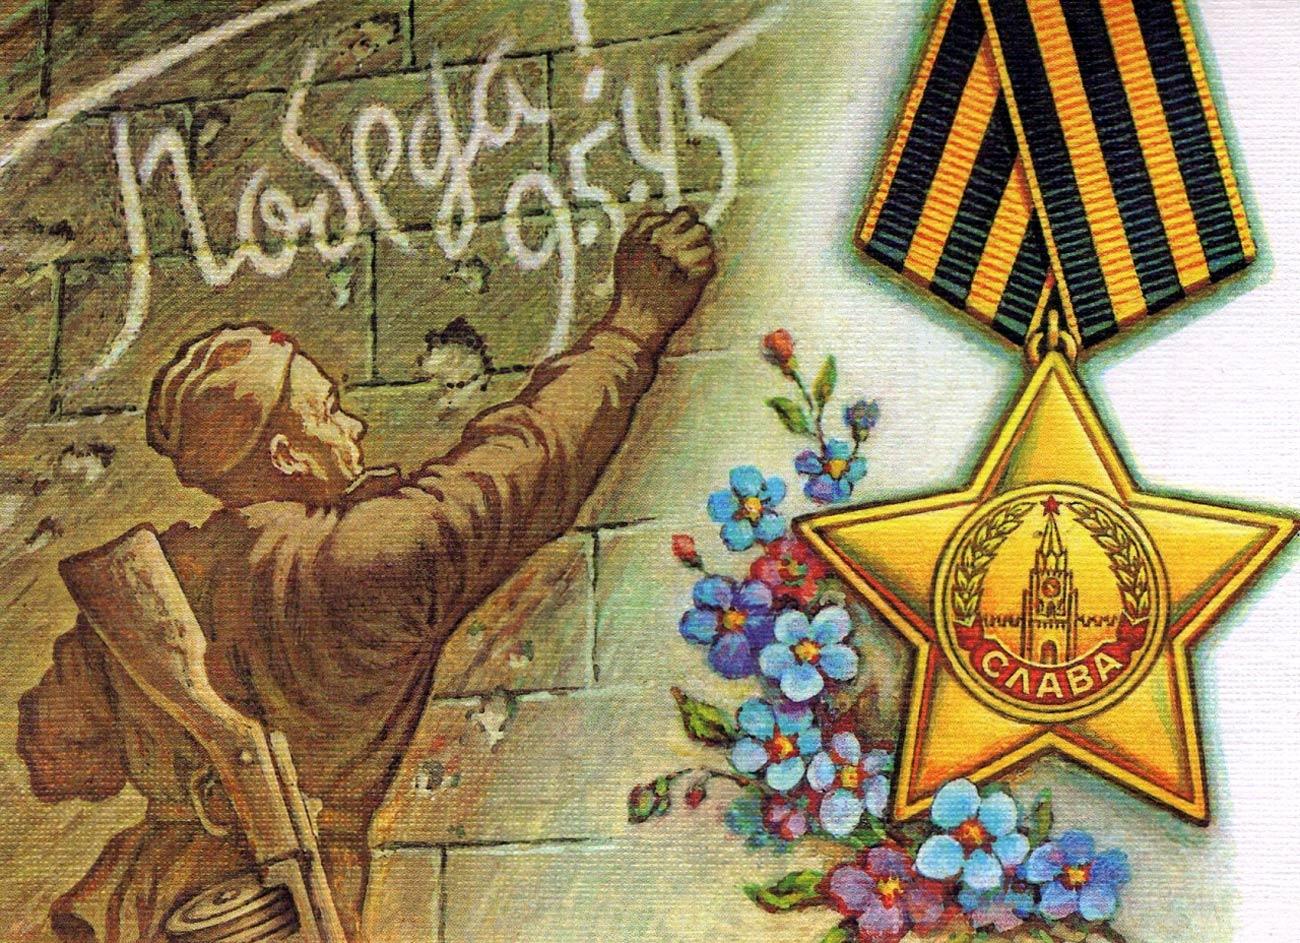 С днем победы старые открытки солдат пишет на стене, открытку всем друзьям